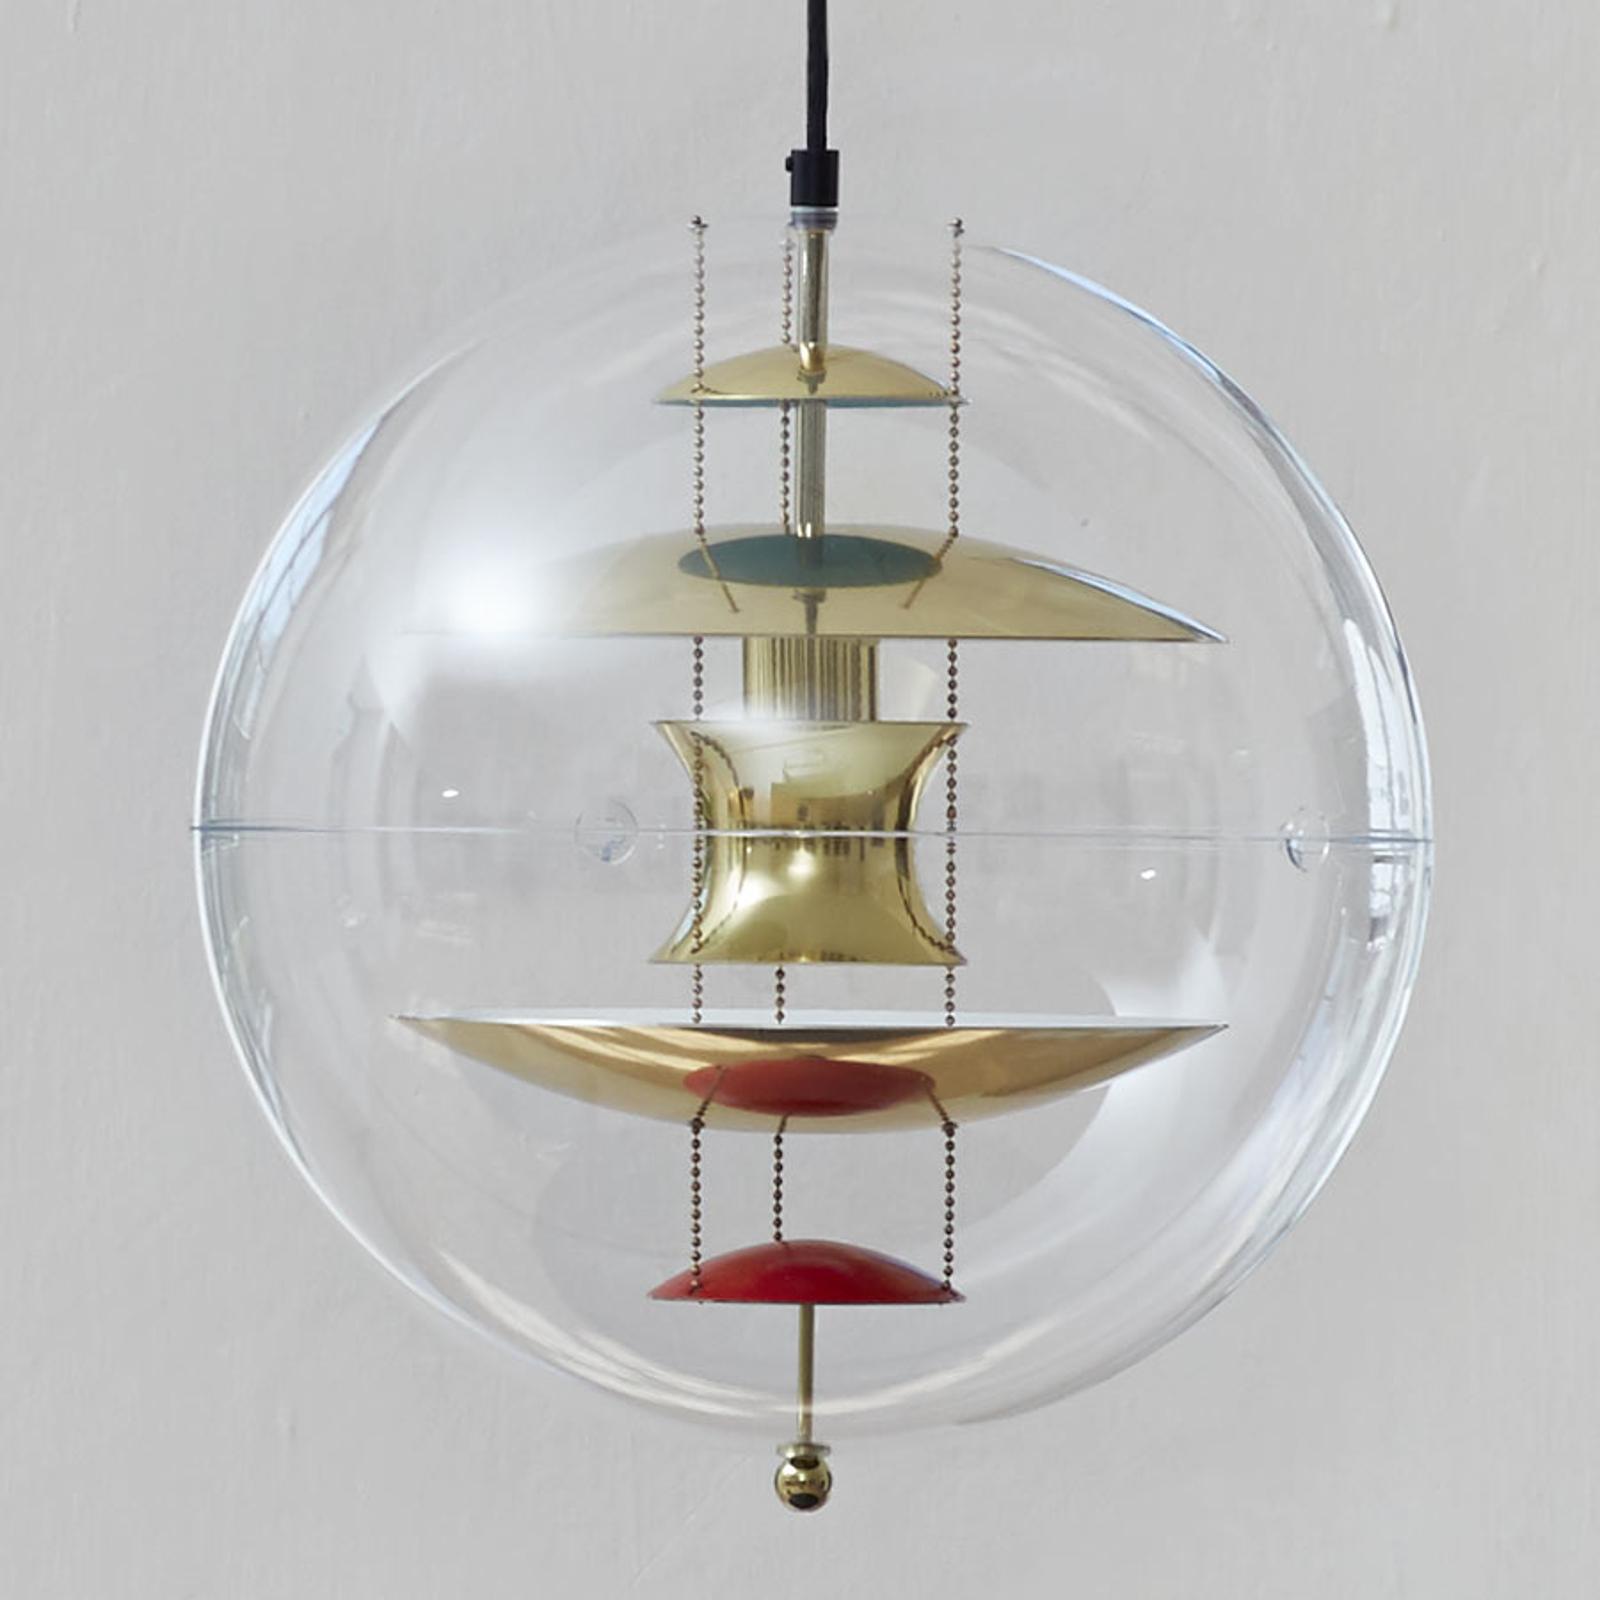 VERPAN VP Globe lampa wisząca, mosiężna